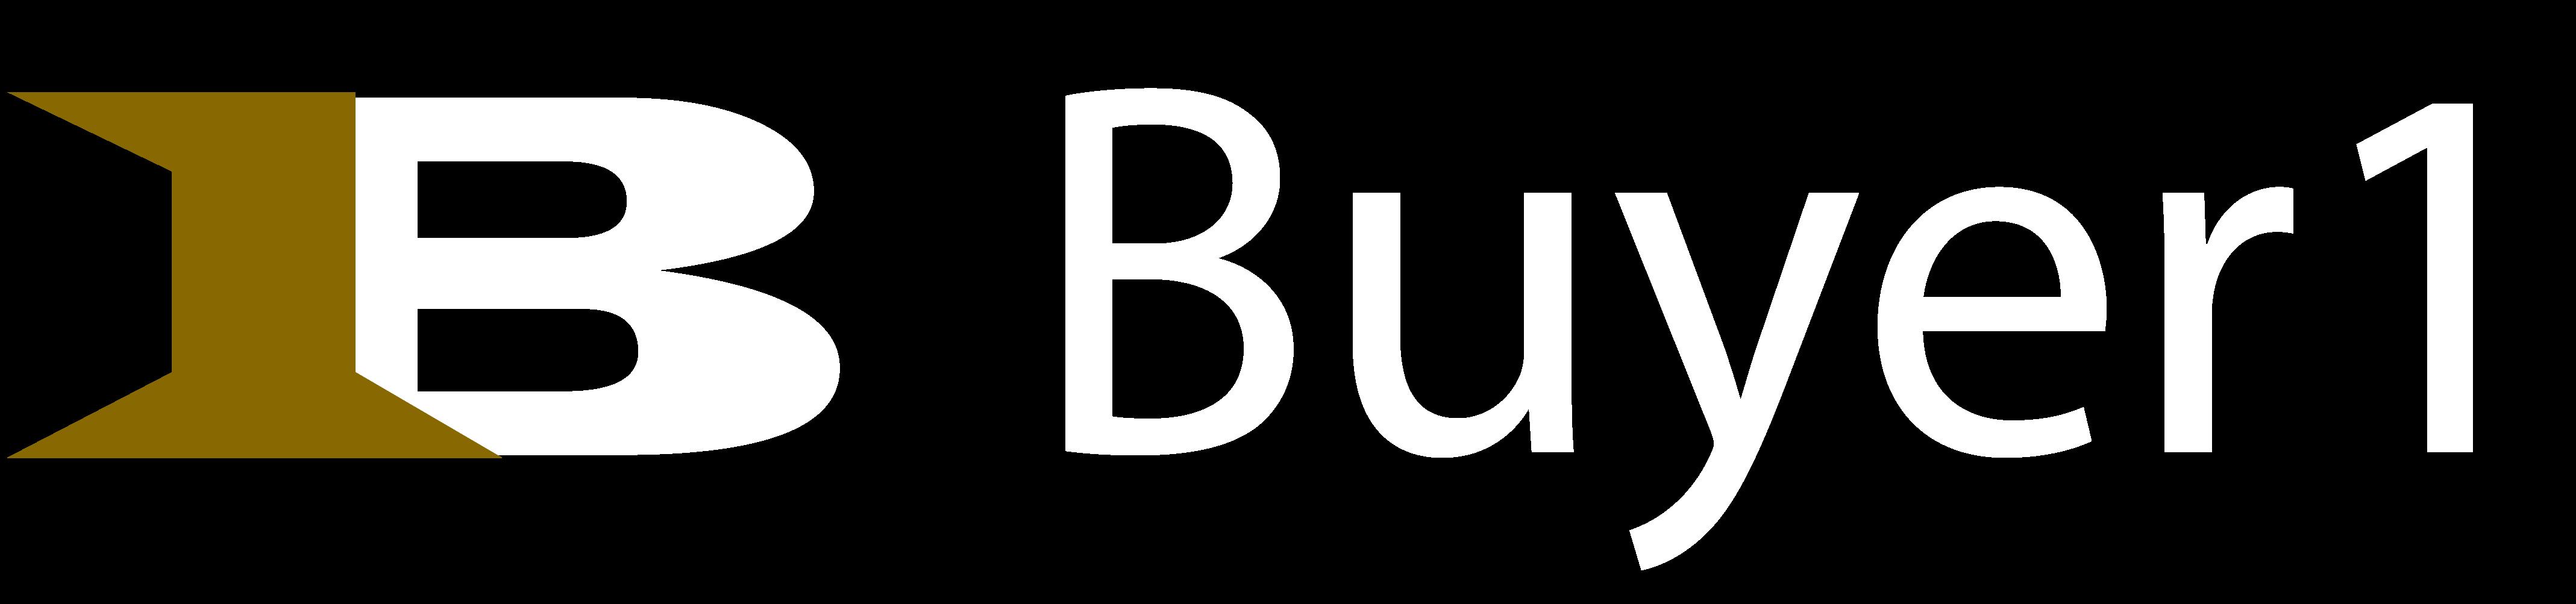 Buyer1